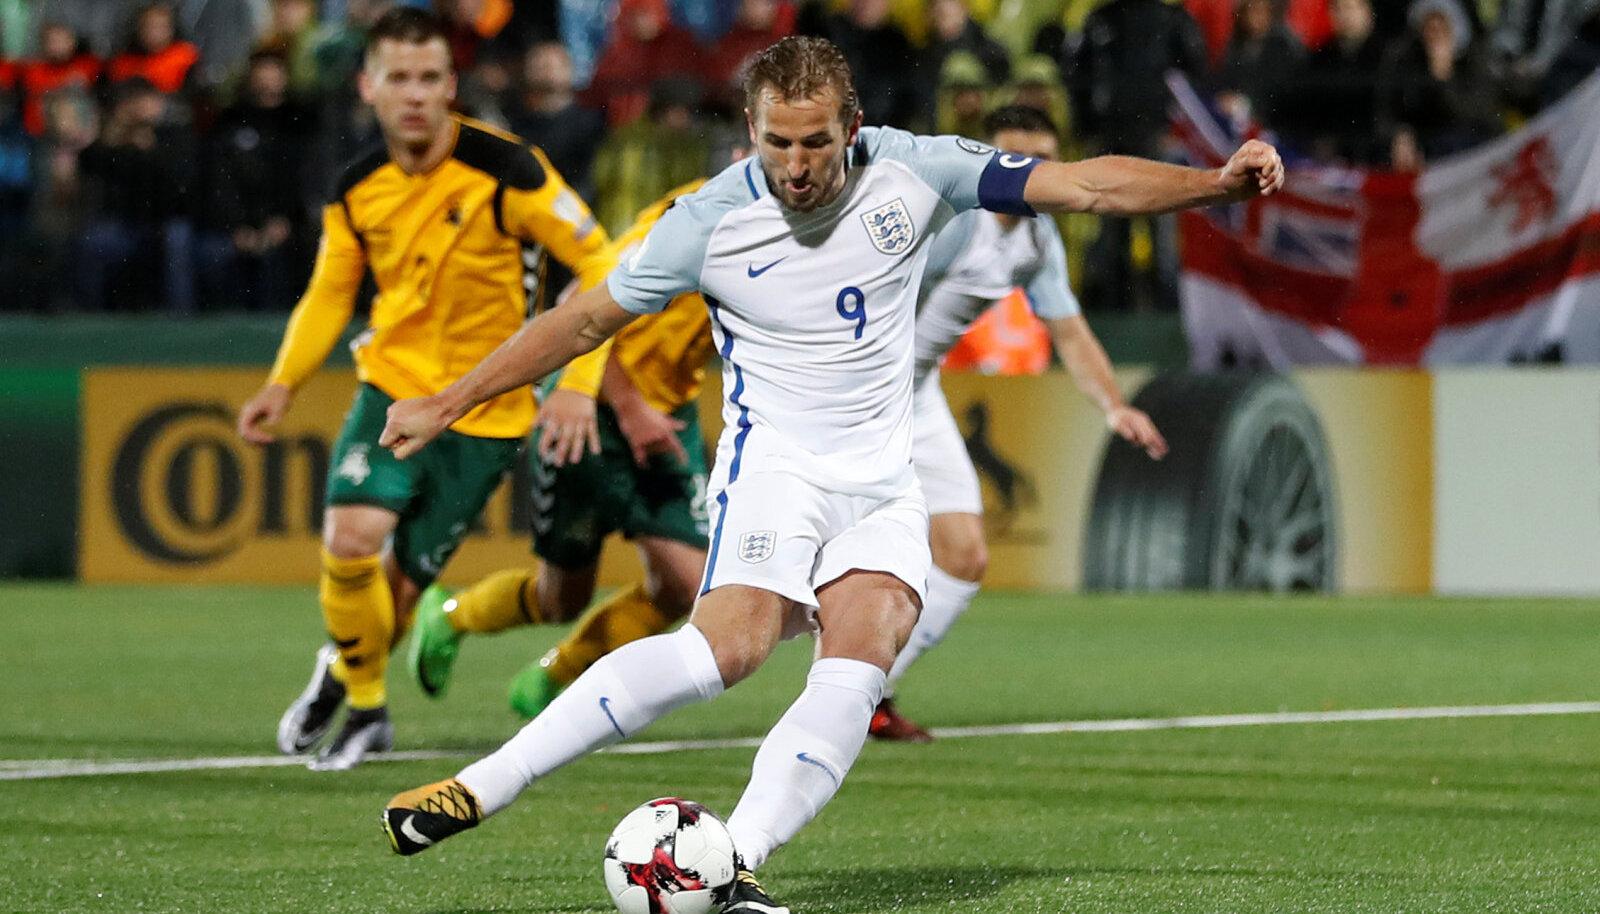 Harry Kane MM-valikmängus Leedu vastu penaltit löömas.